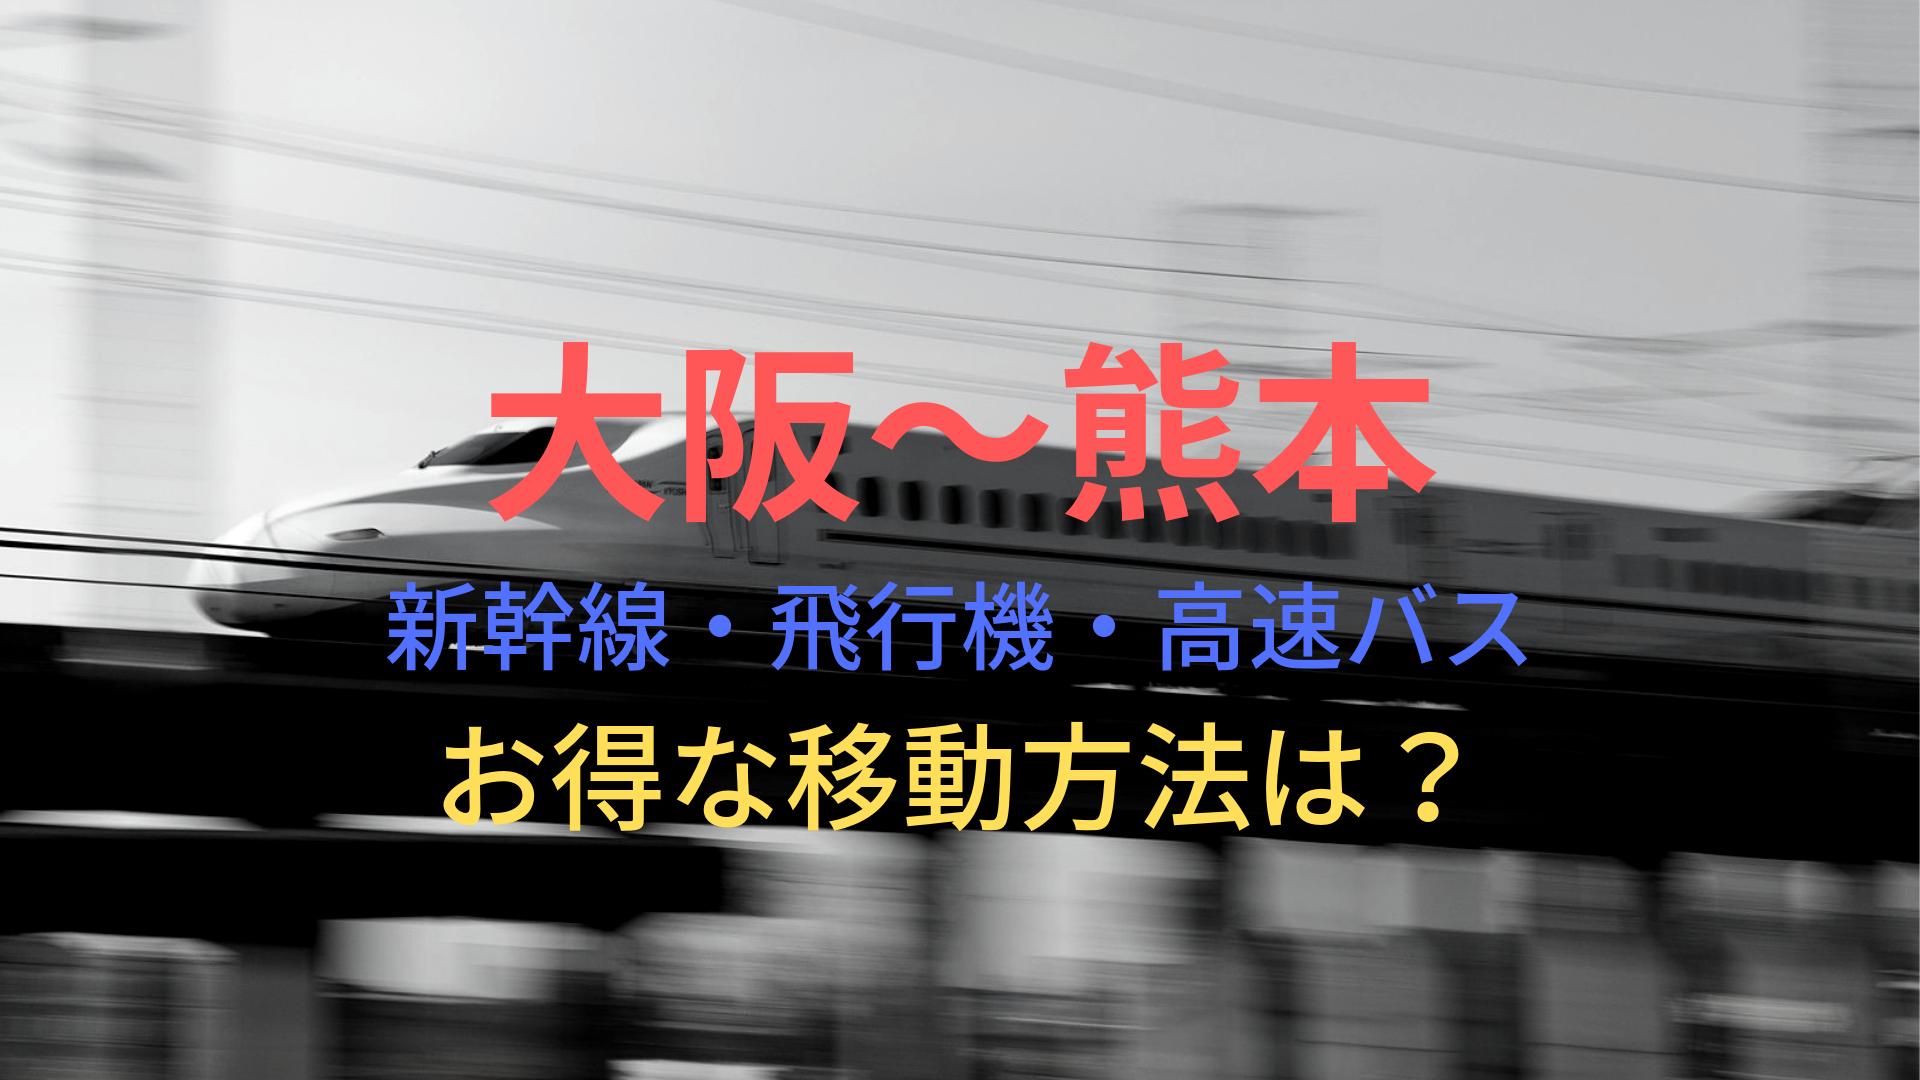 高速バス 熊本